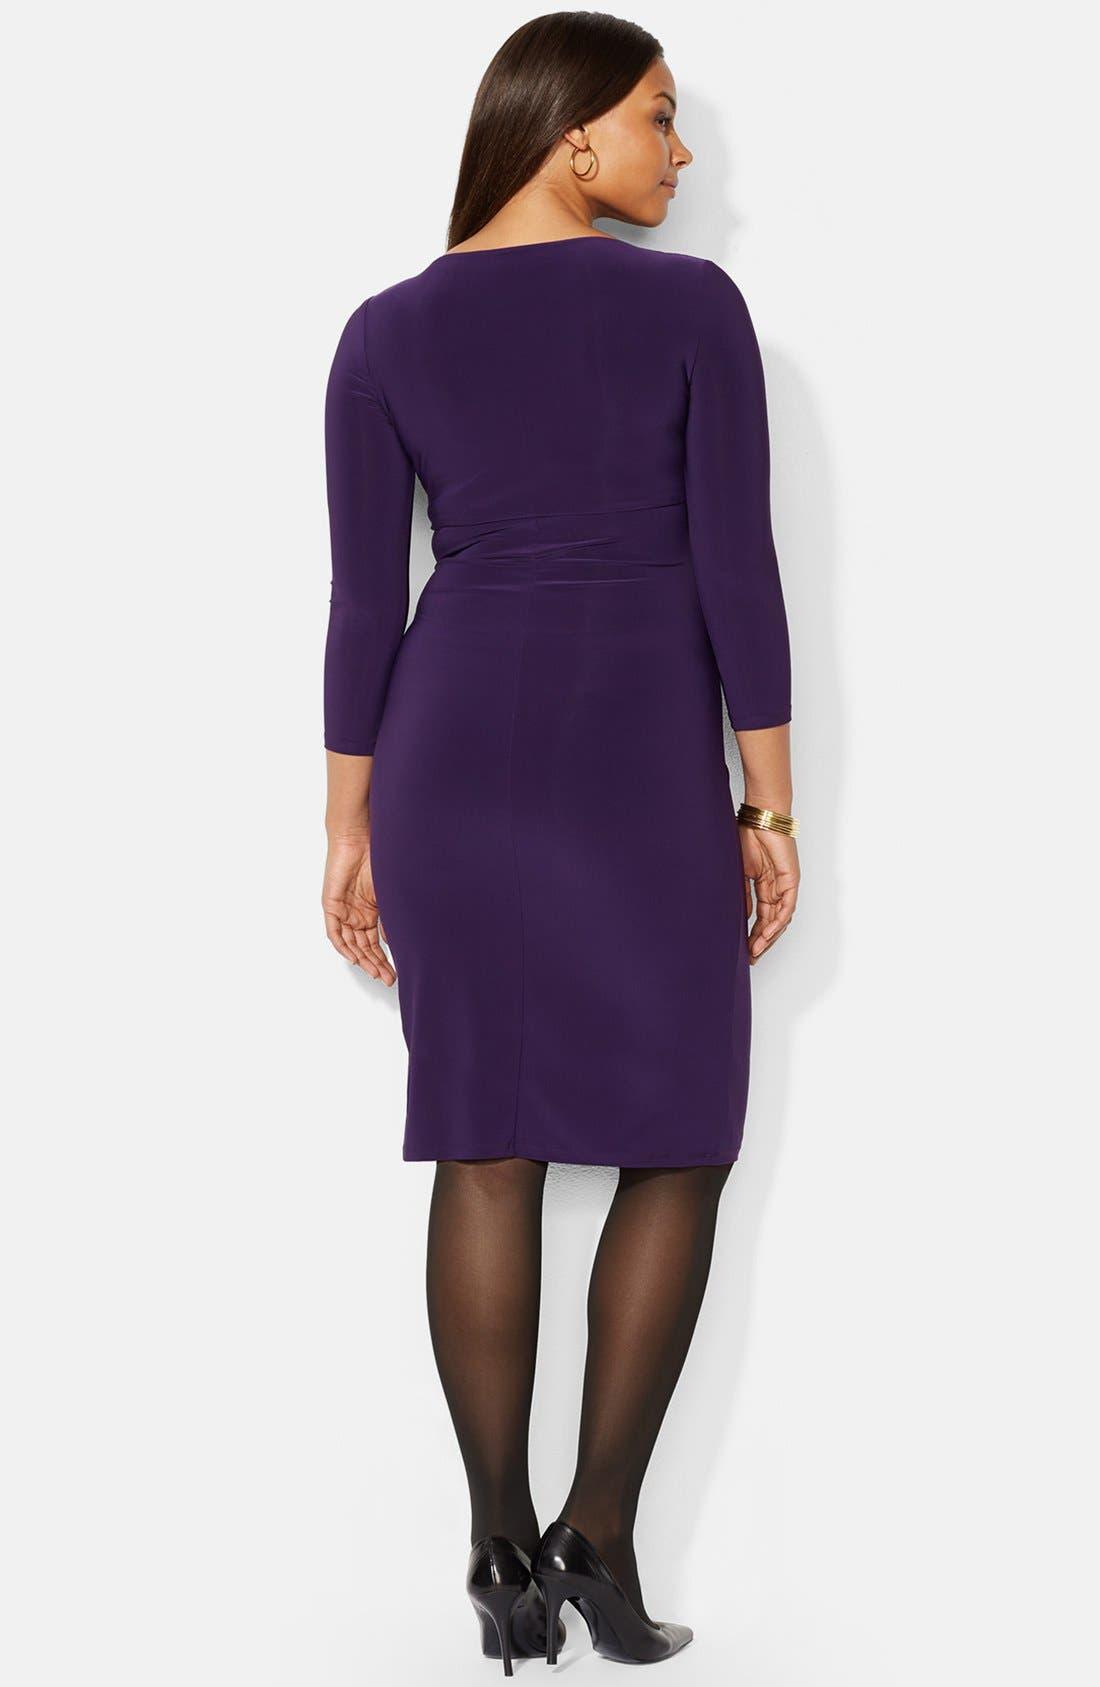 LAUREN RALPH LAUREN, Faux Wrap Matte Jersey Dress, Alternate thumbnail 2, color, 501